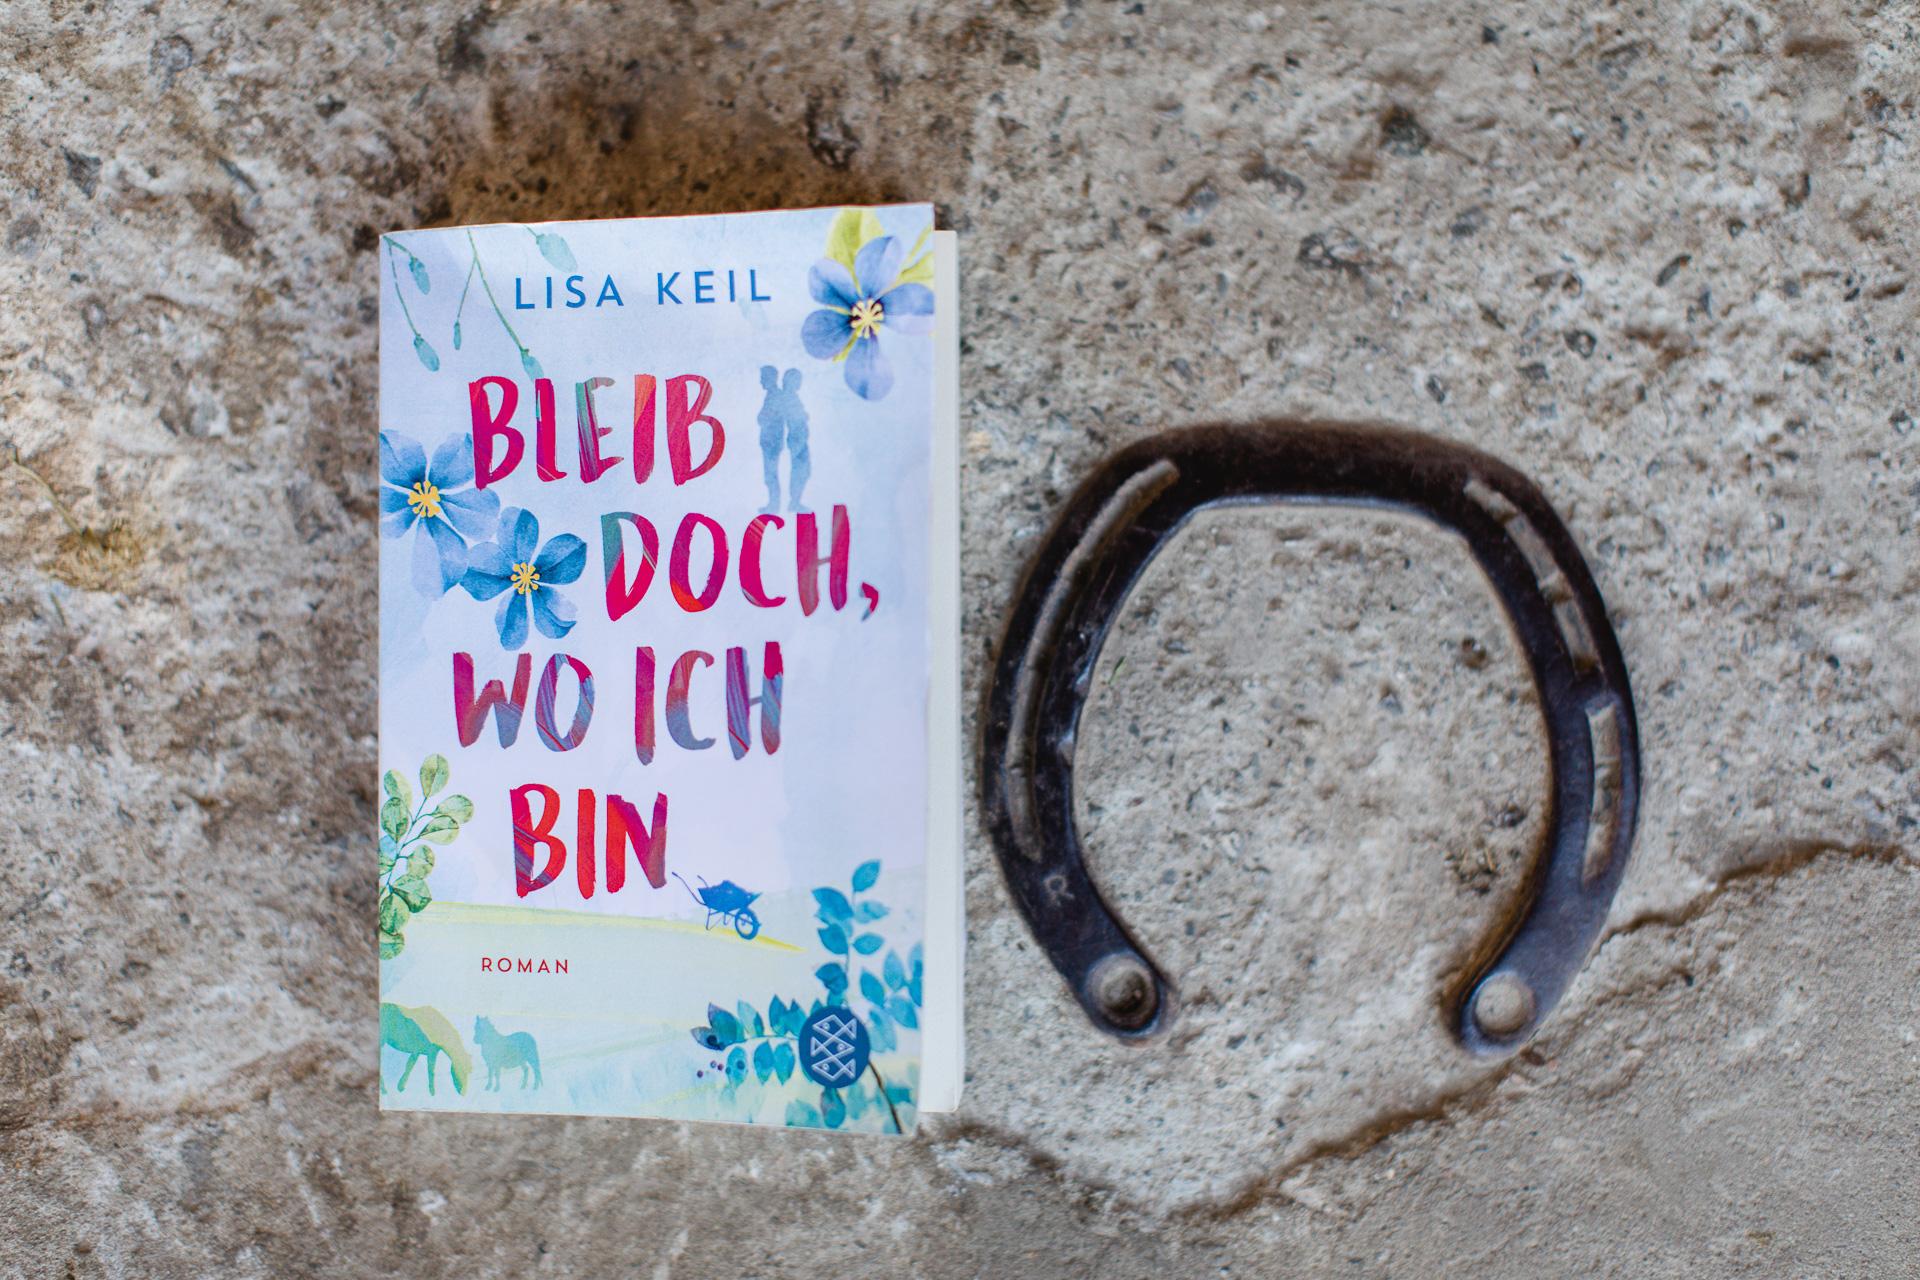 Lisa Keil Bleib doch, wo ich bin - Stefanie Lategahn (34 von 49).jpg